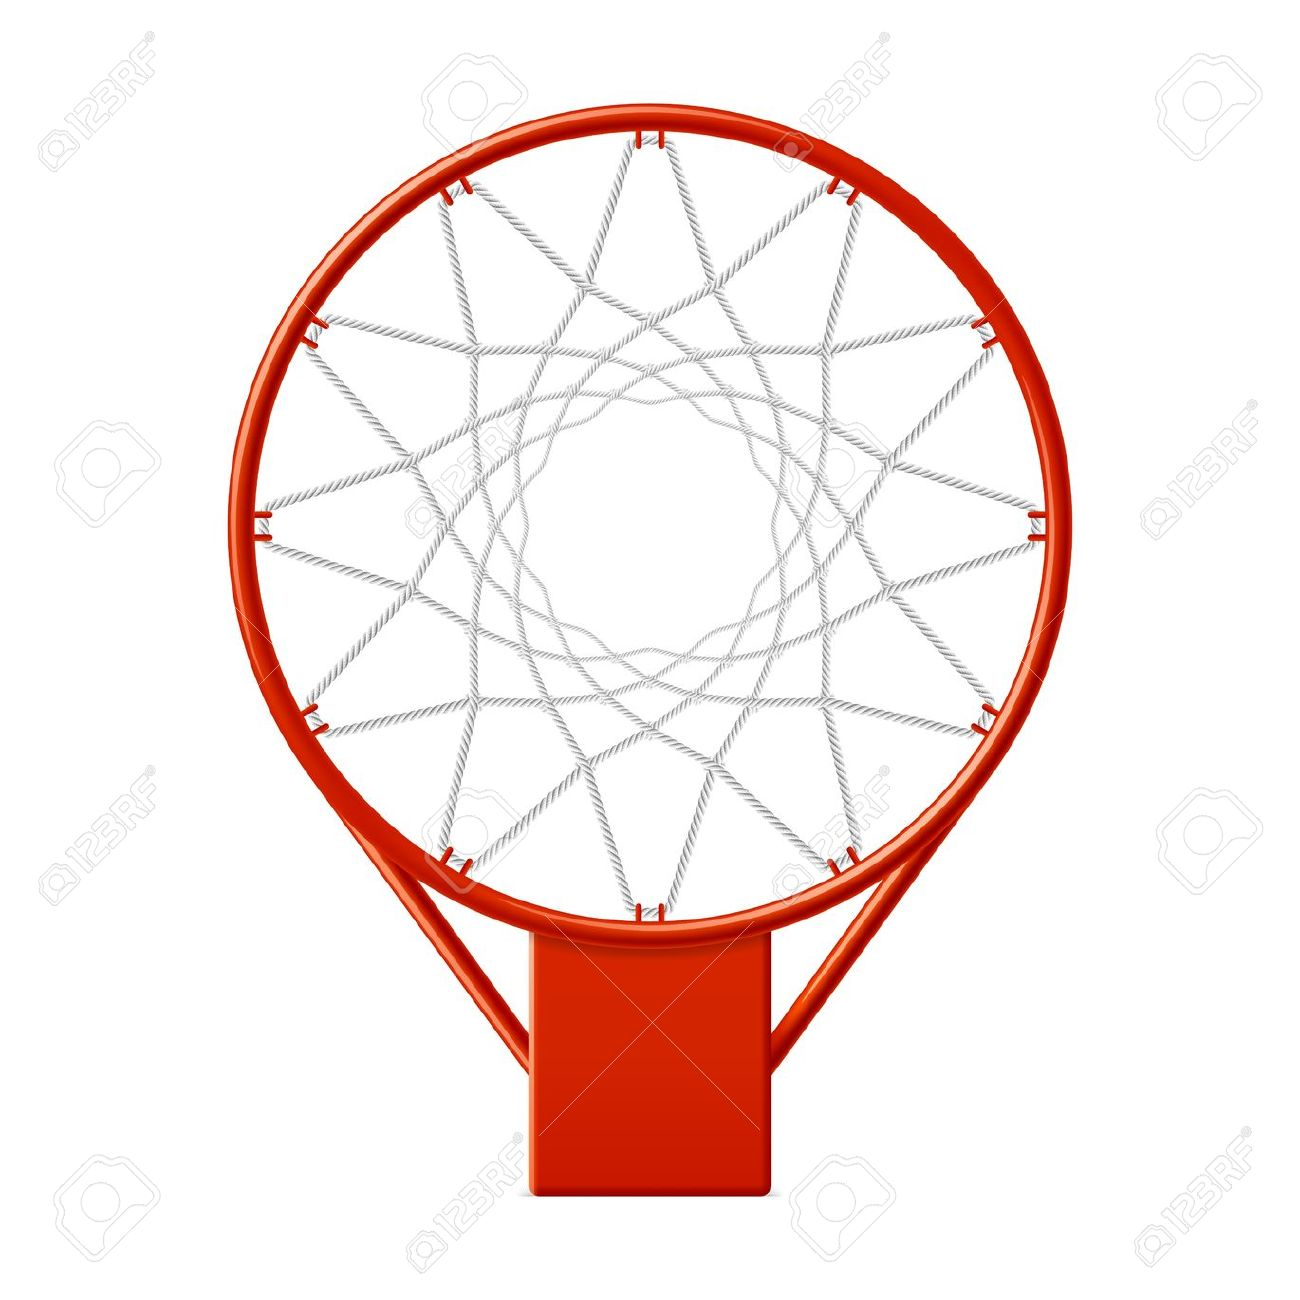 1300x1300 Basket Clipart Basketball Net